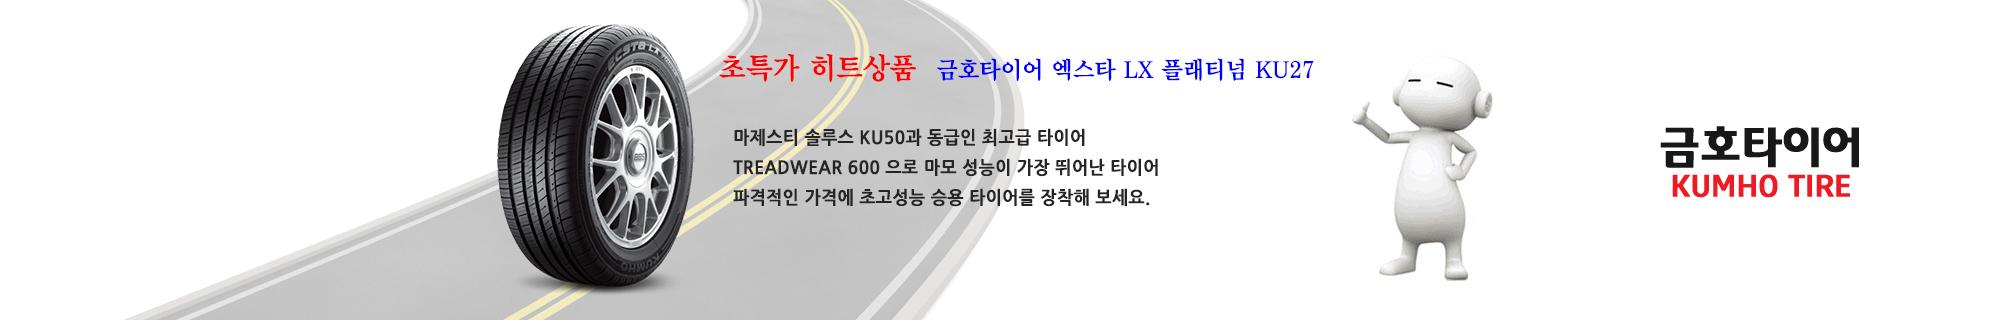 금호타이어 엑스타 LX 플래티넘 KU27